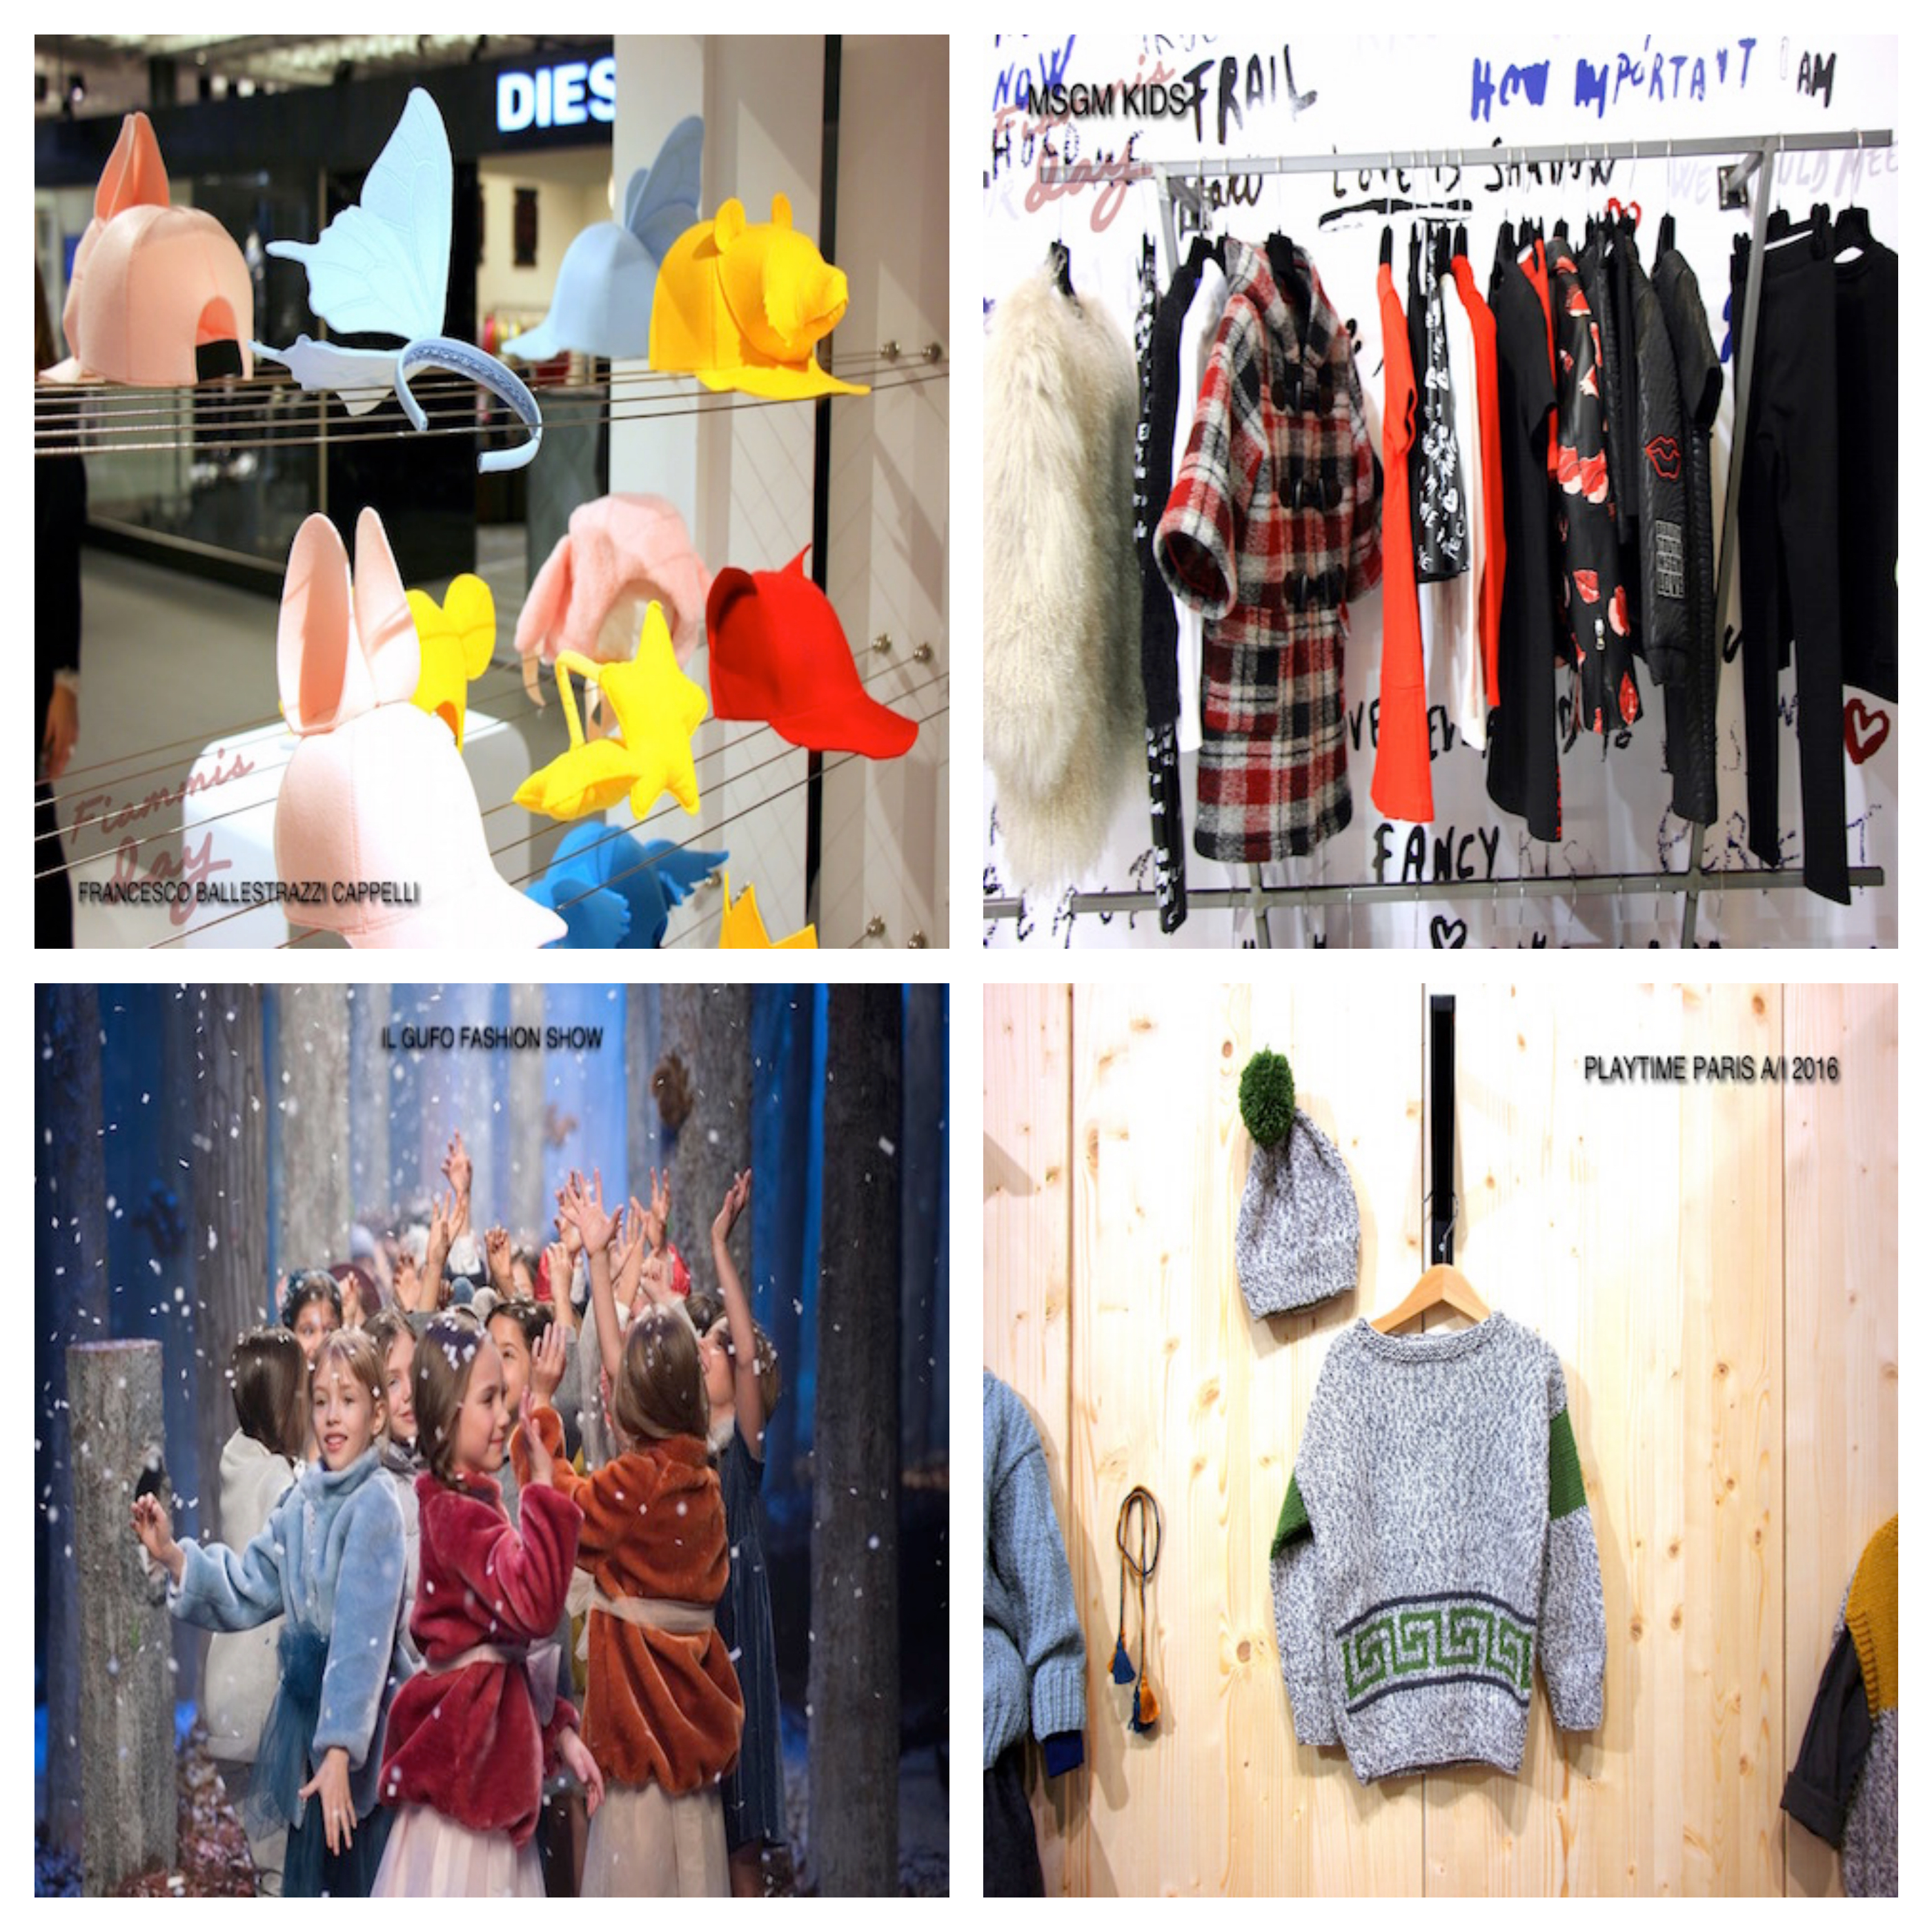 tendenze 2016 blog di moda bambino